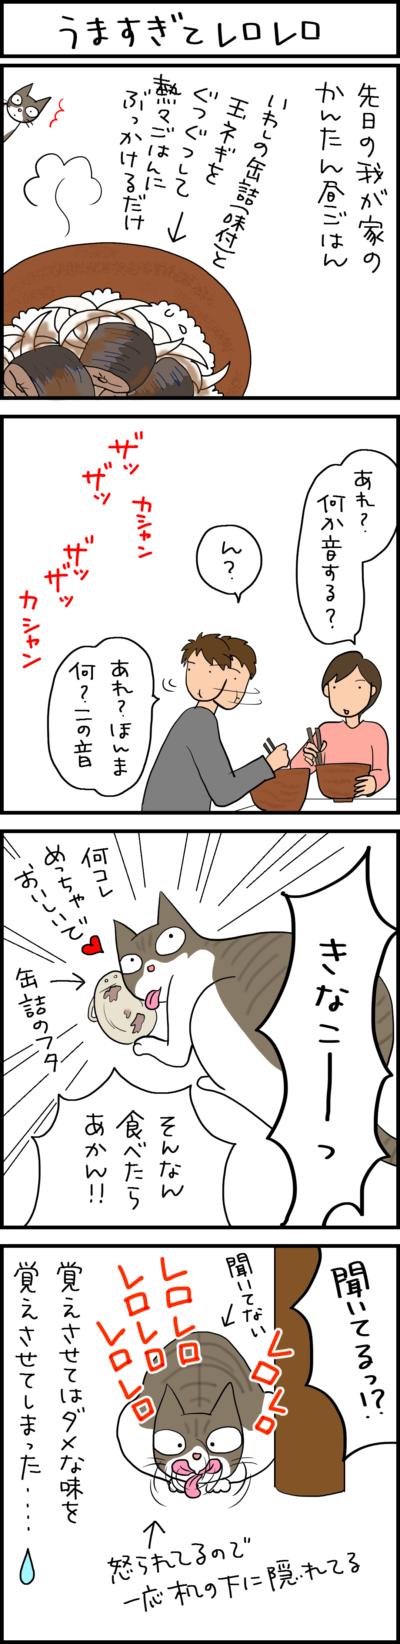 美味しすぎてレロレロが止まらない猫の4コマ猫漫画